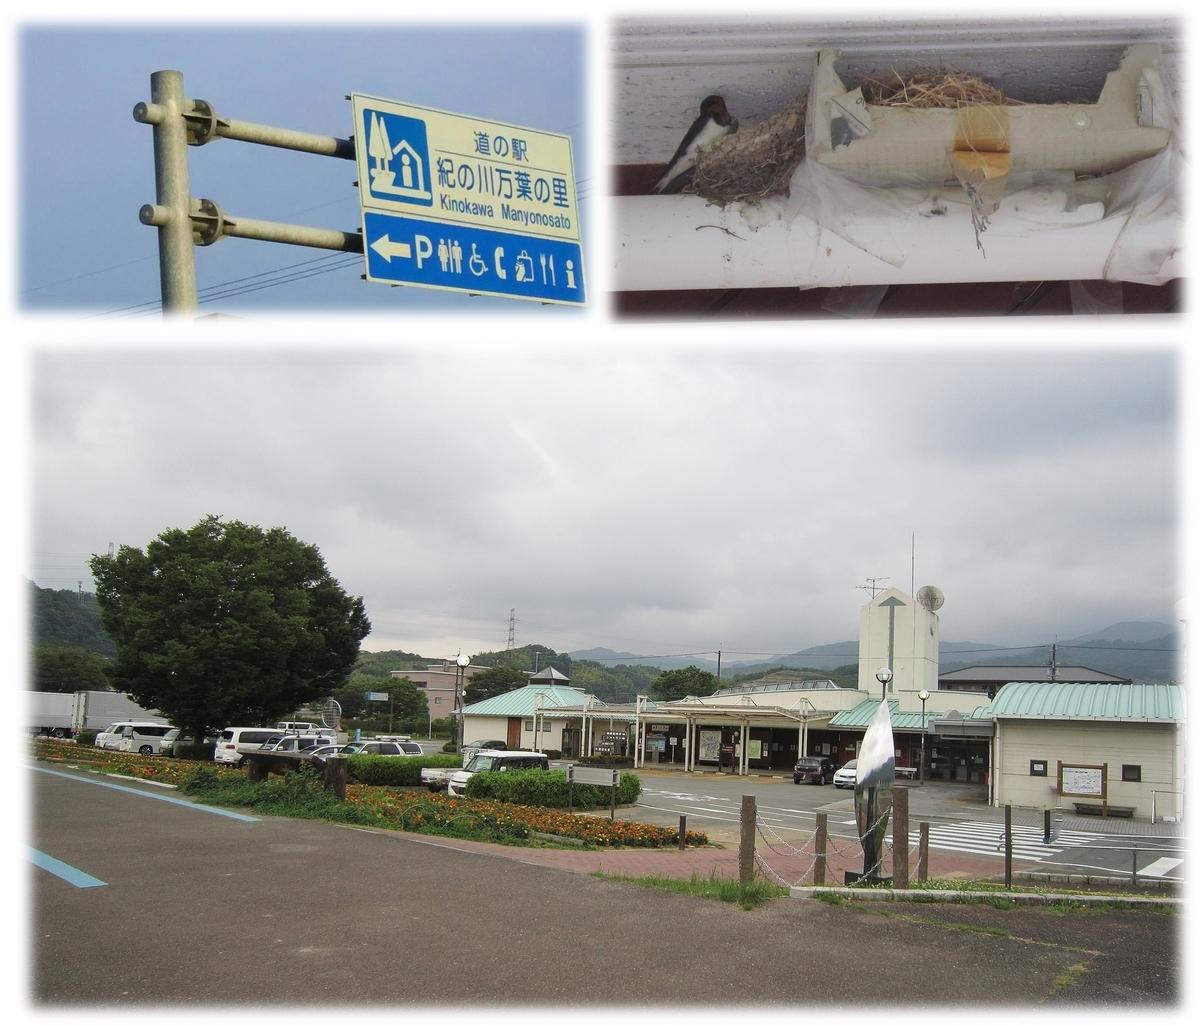 f:id:owari-nagoya55:20200628230816j:plain